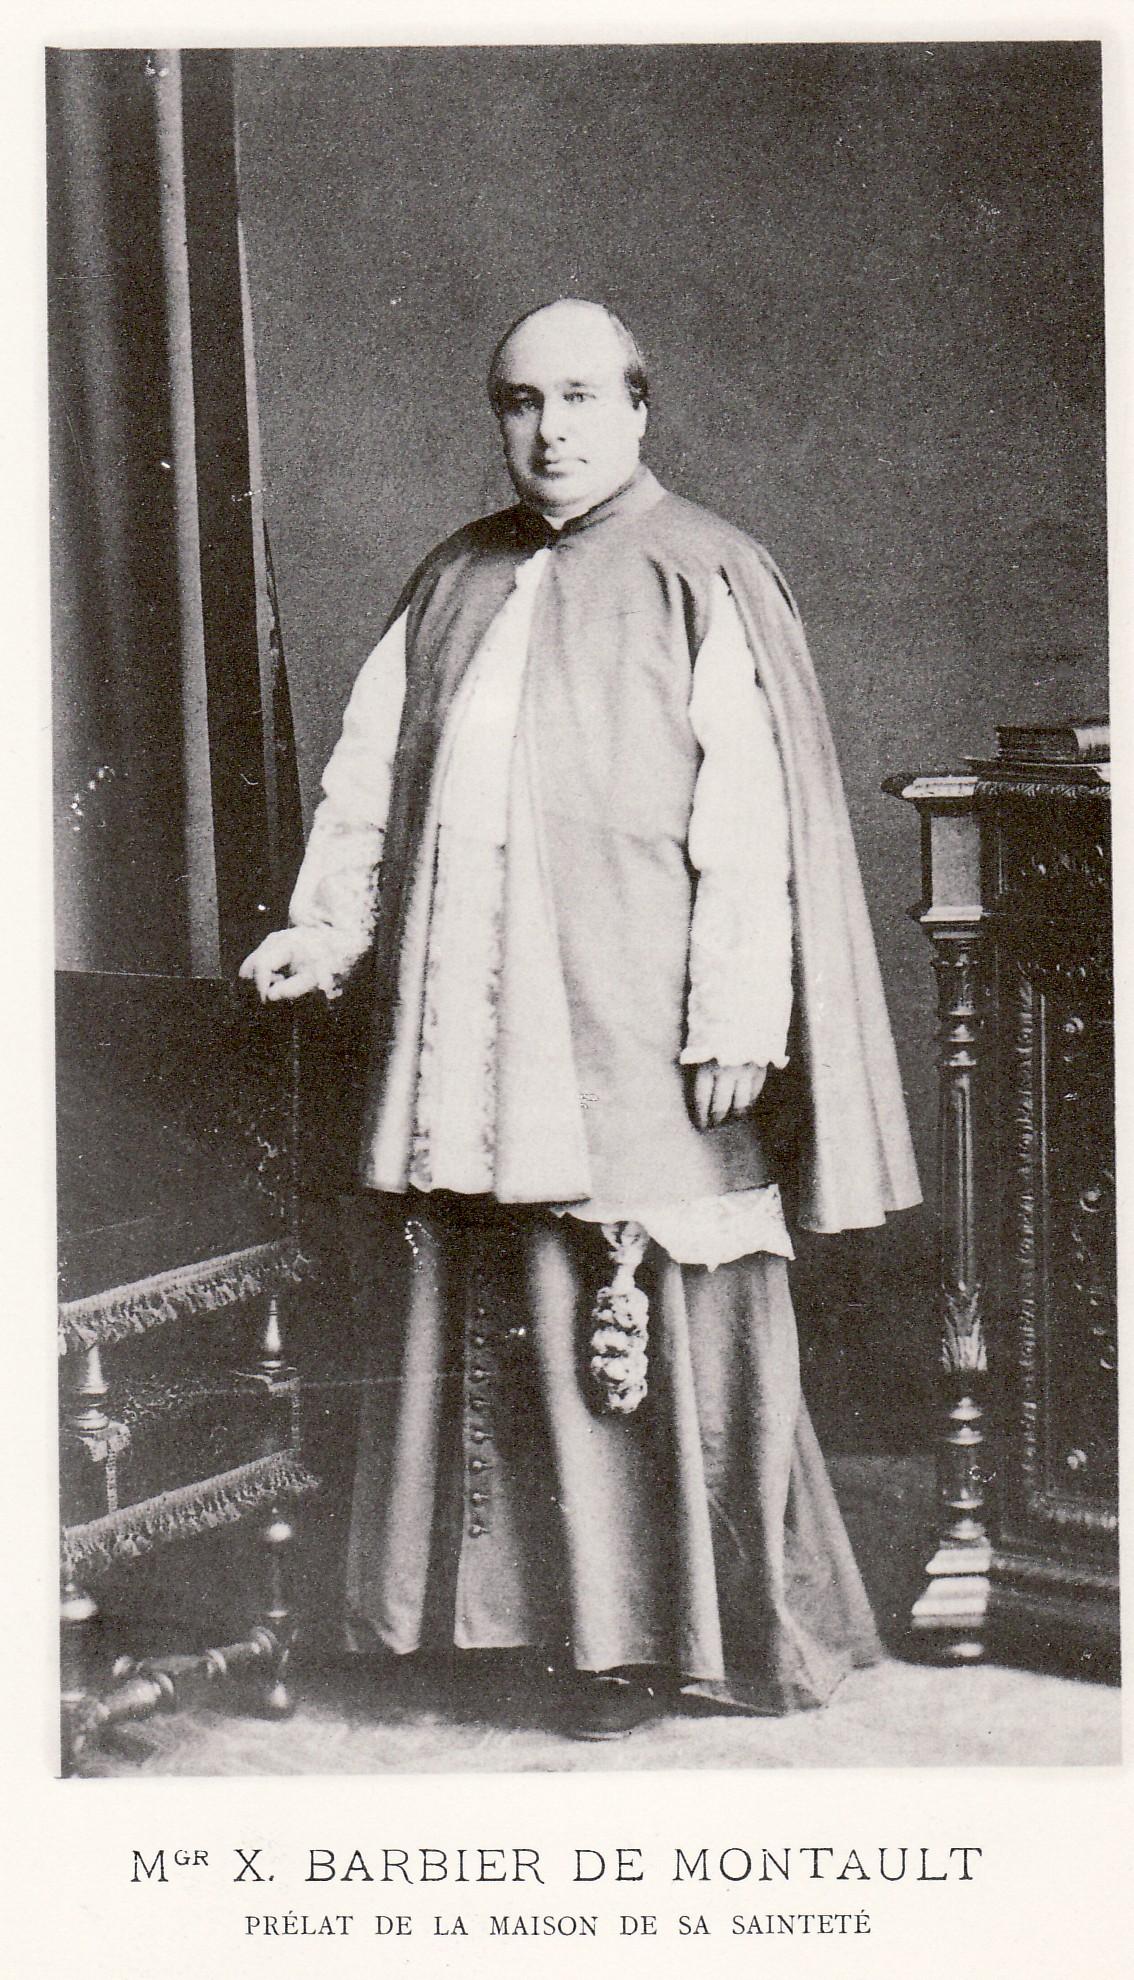 X Barbier de Montault L Octave des ss Ap´tres Pierre et Paul  Rome avec une description détaillée du pontifical du Pape dans la basilique de s